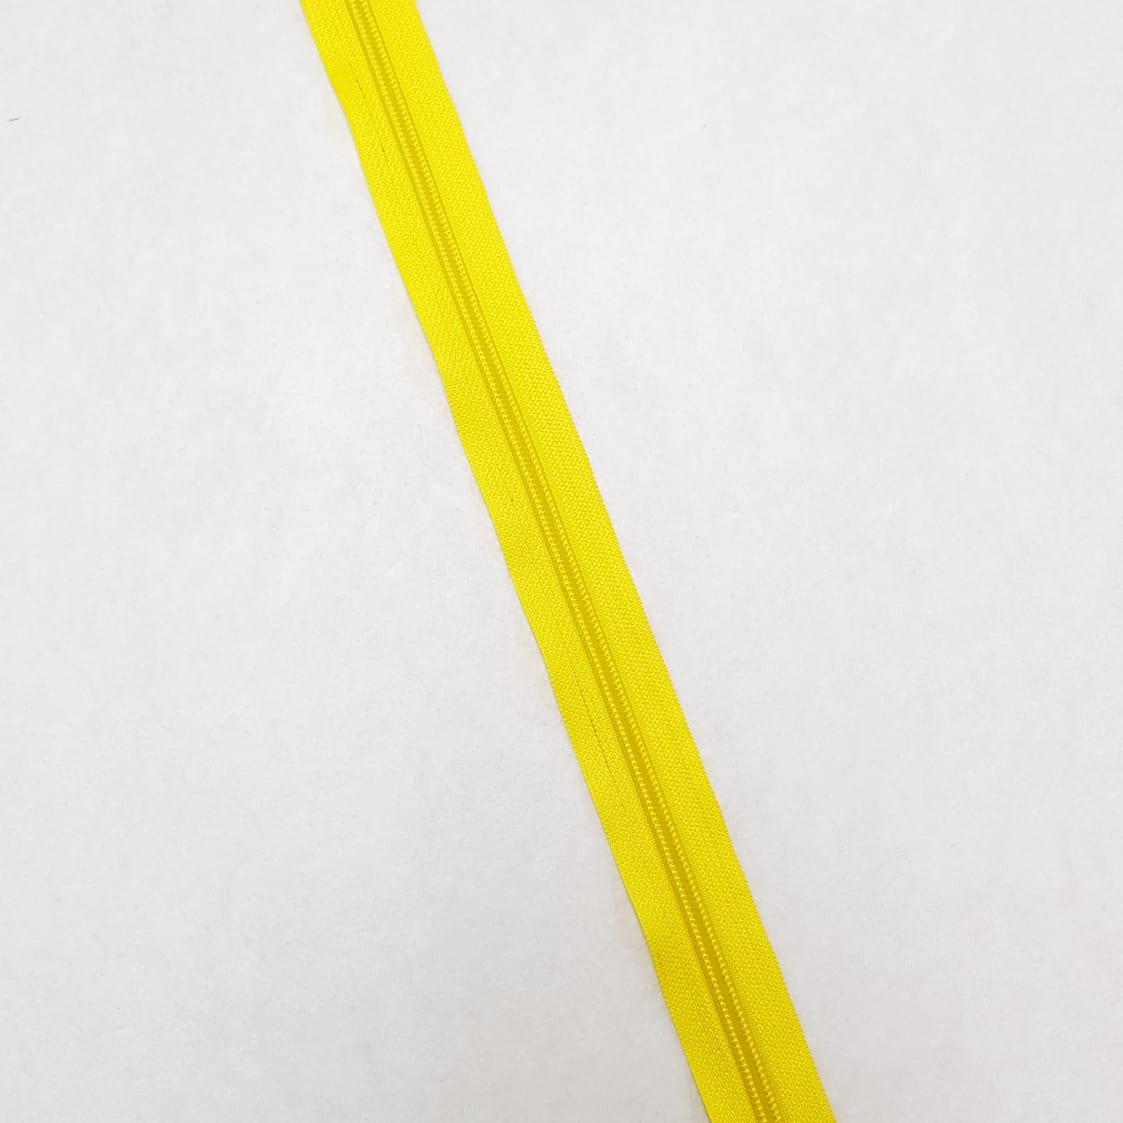 """Zíper - ZR - 5mm - Amarelo """"marca texto"""""""